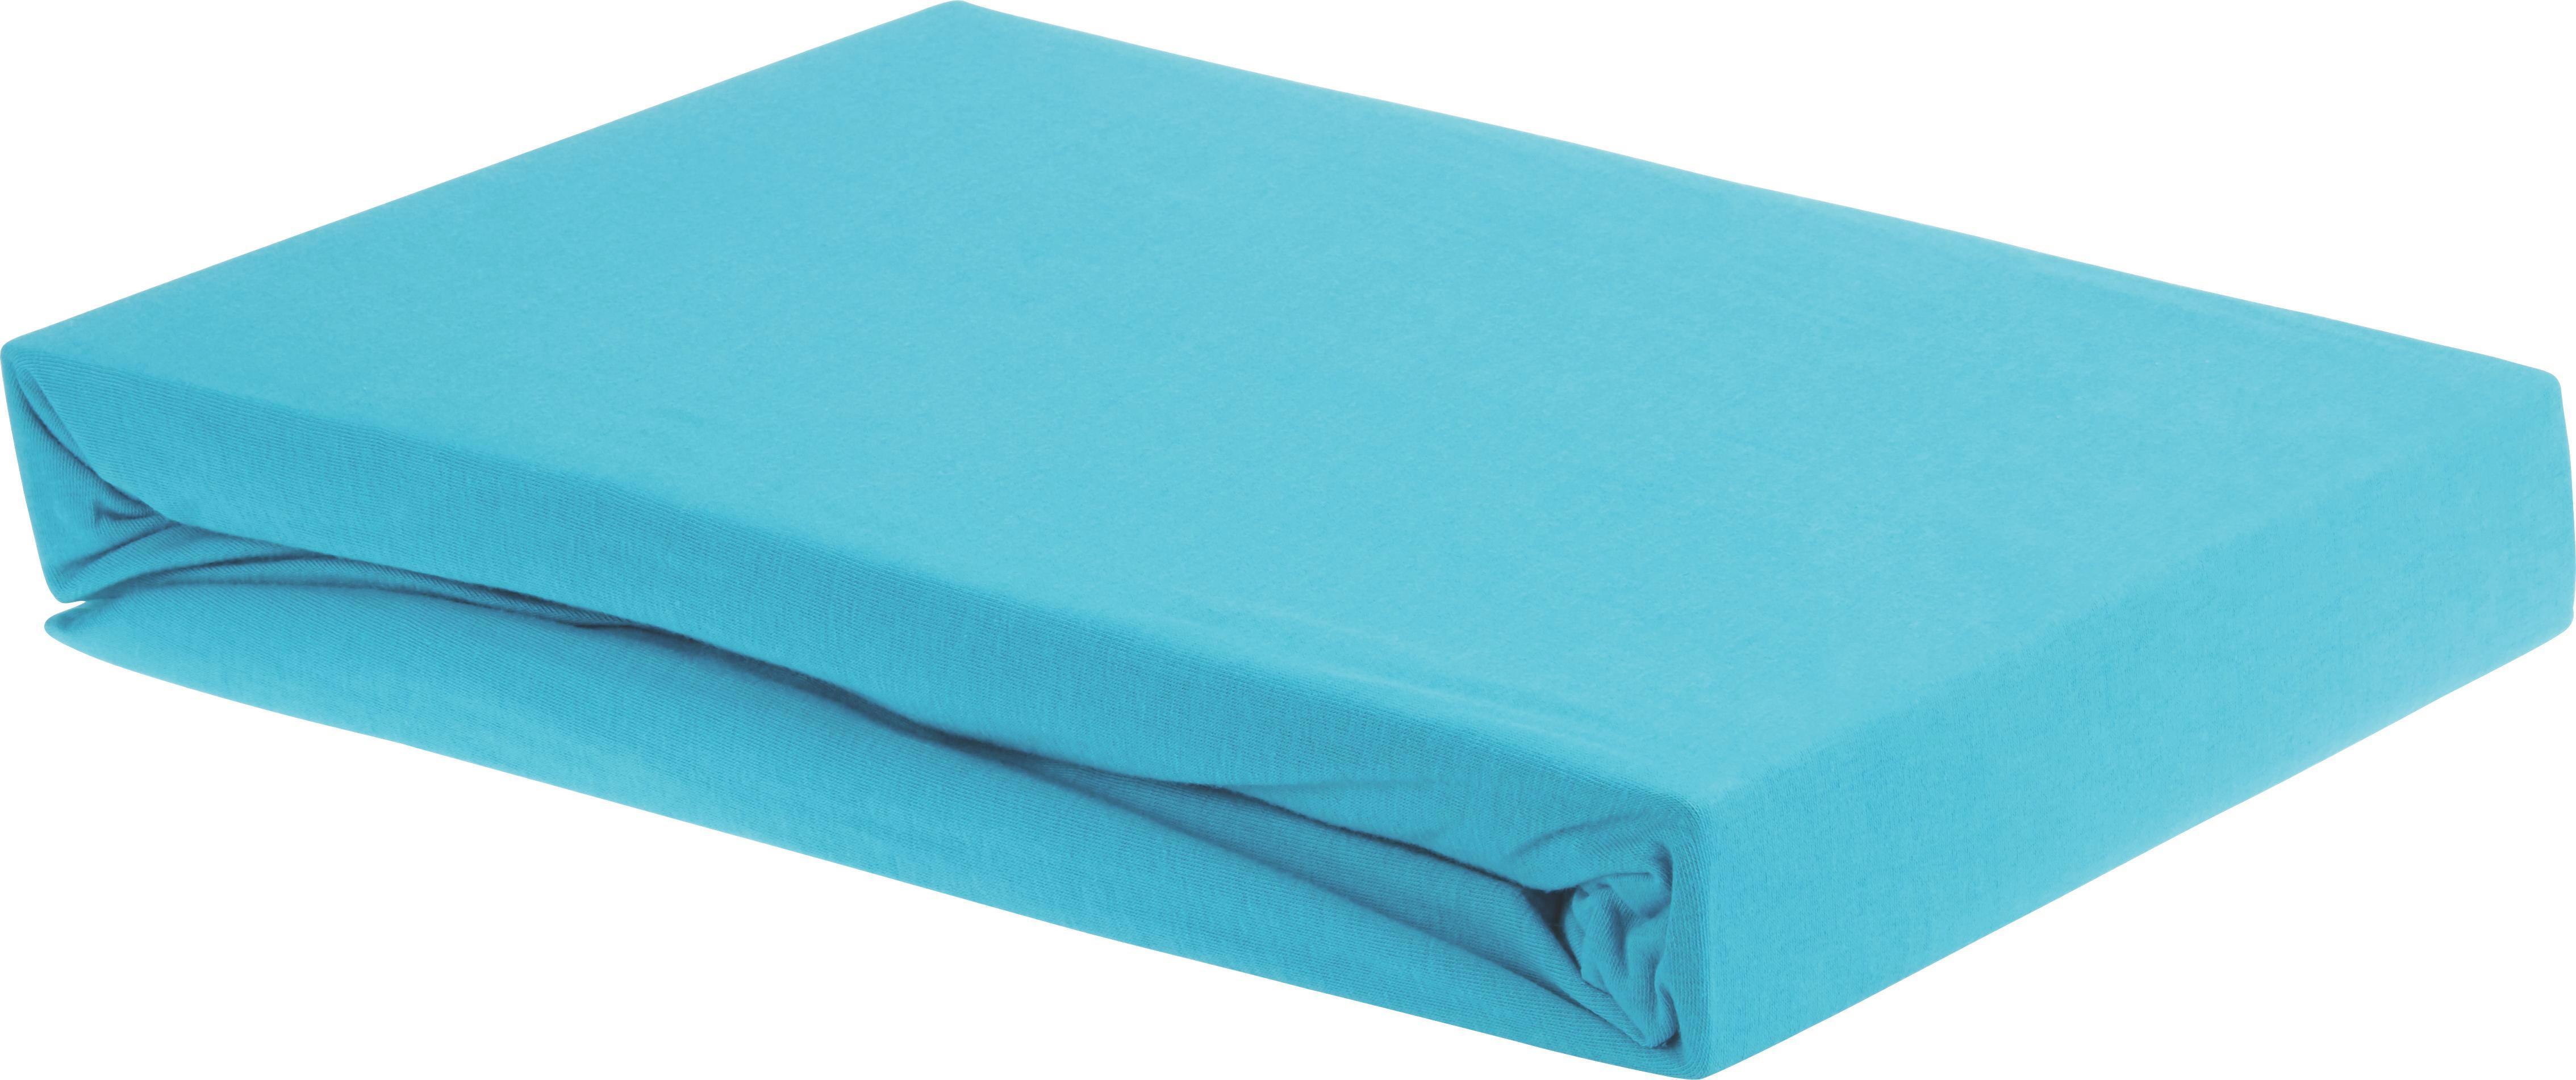 Gumis Lepedő Elasthan - petrol, textil (150/200/28cm) - premium living